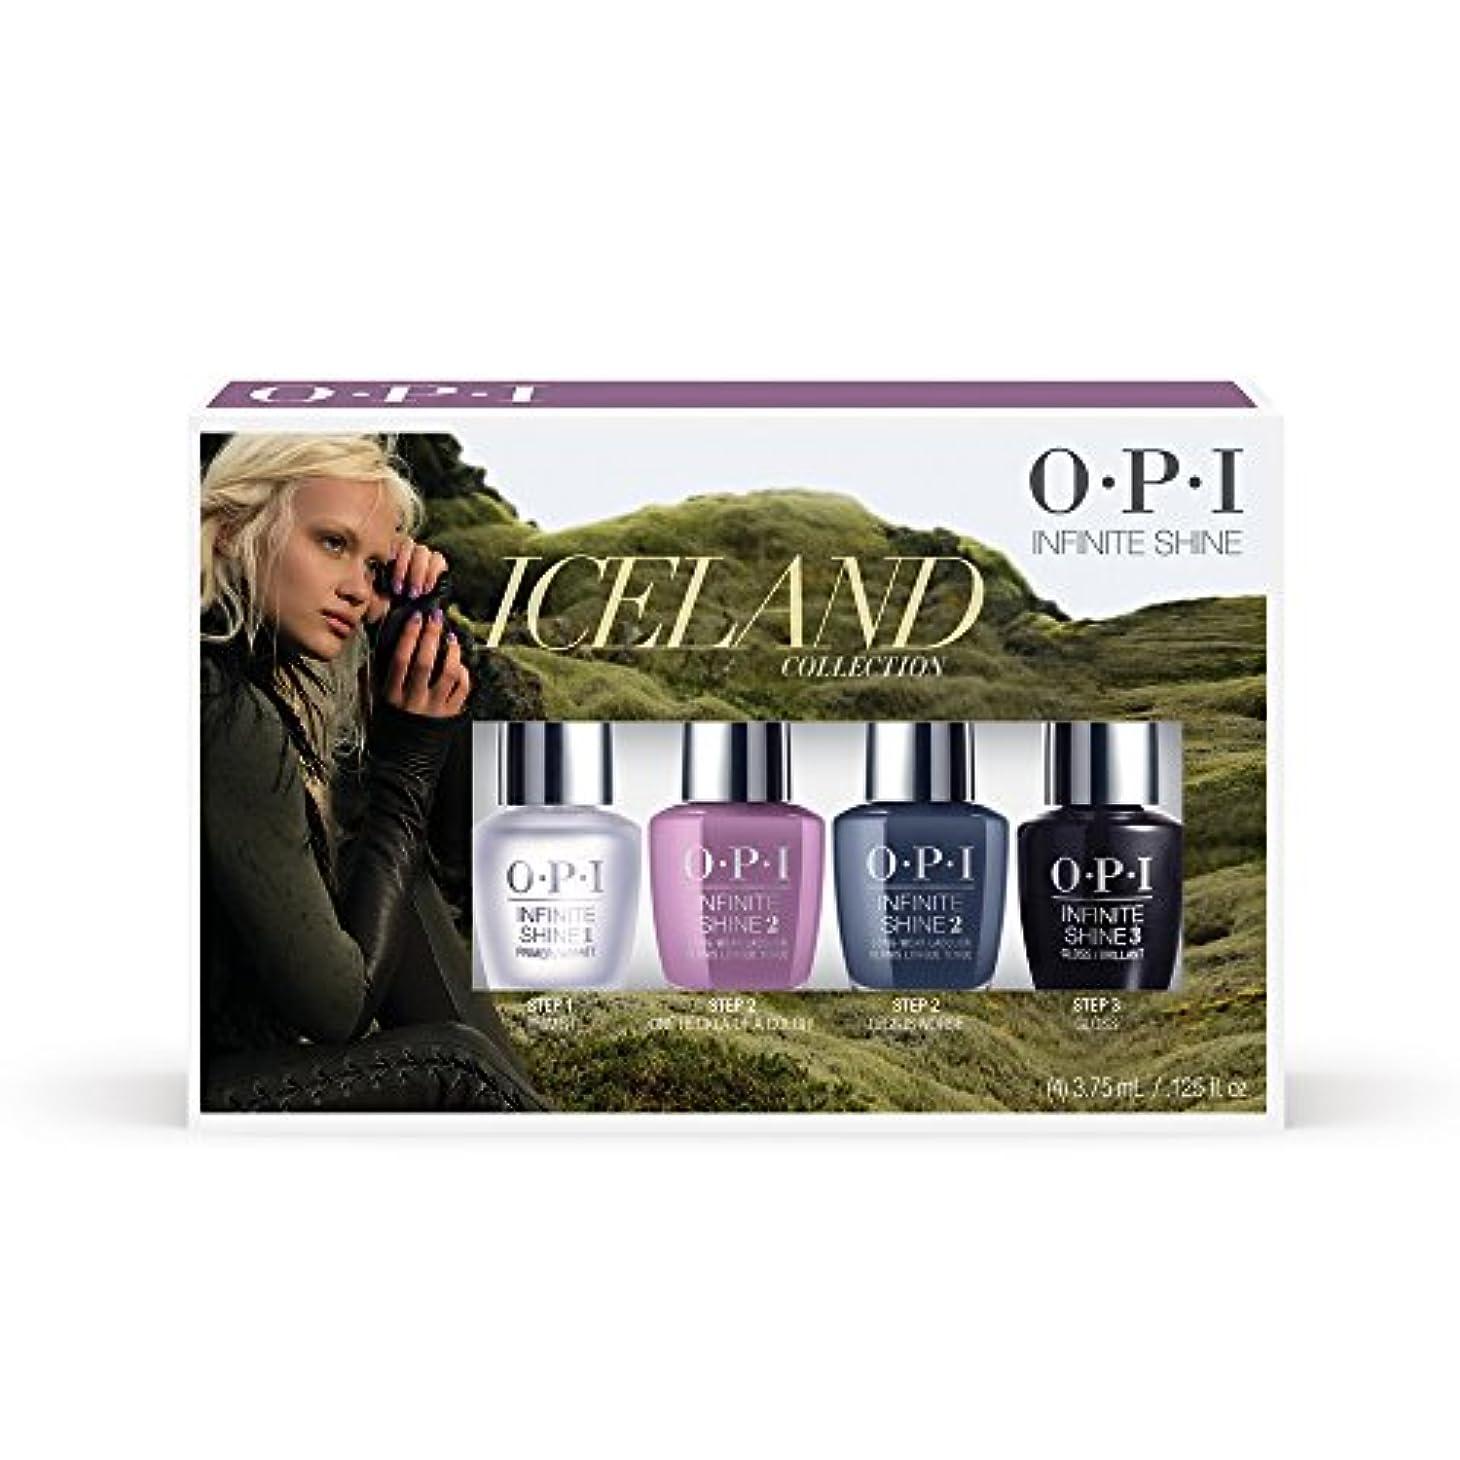 荷物酔って追放OPI(オーピーアイ) アイスランド コレクション インフィニット シャイン ミニパック